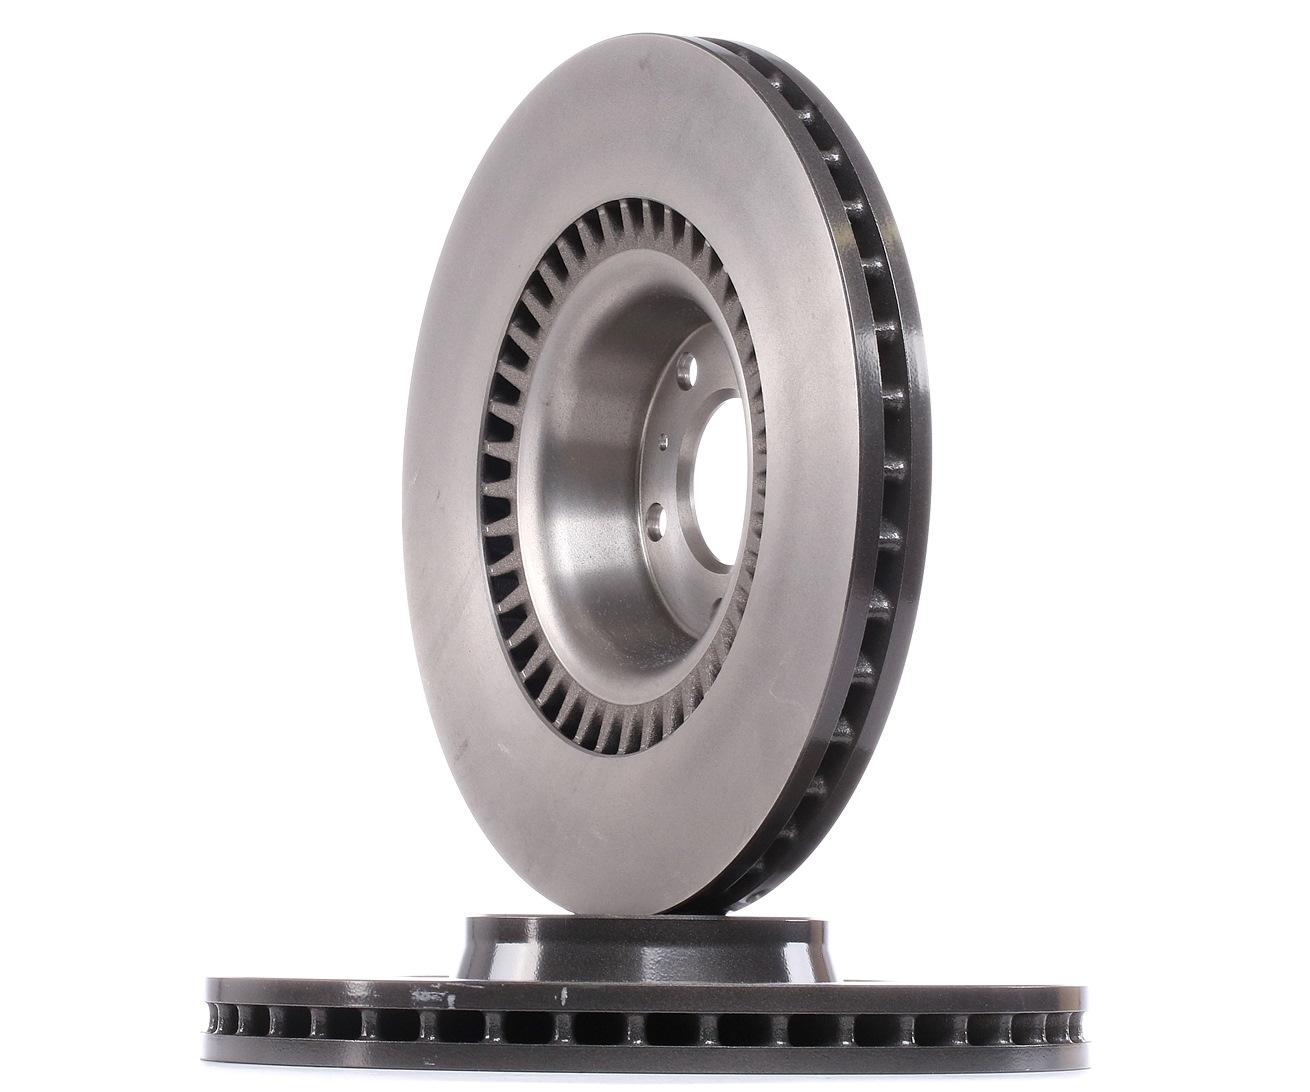 VW PHAETON 2012 Tuning - Original BREMBO 09.9915.11 Ø: 360mm, Lochanzahl: 5, Bremsscheibendicke: 34mm